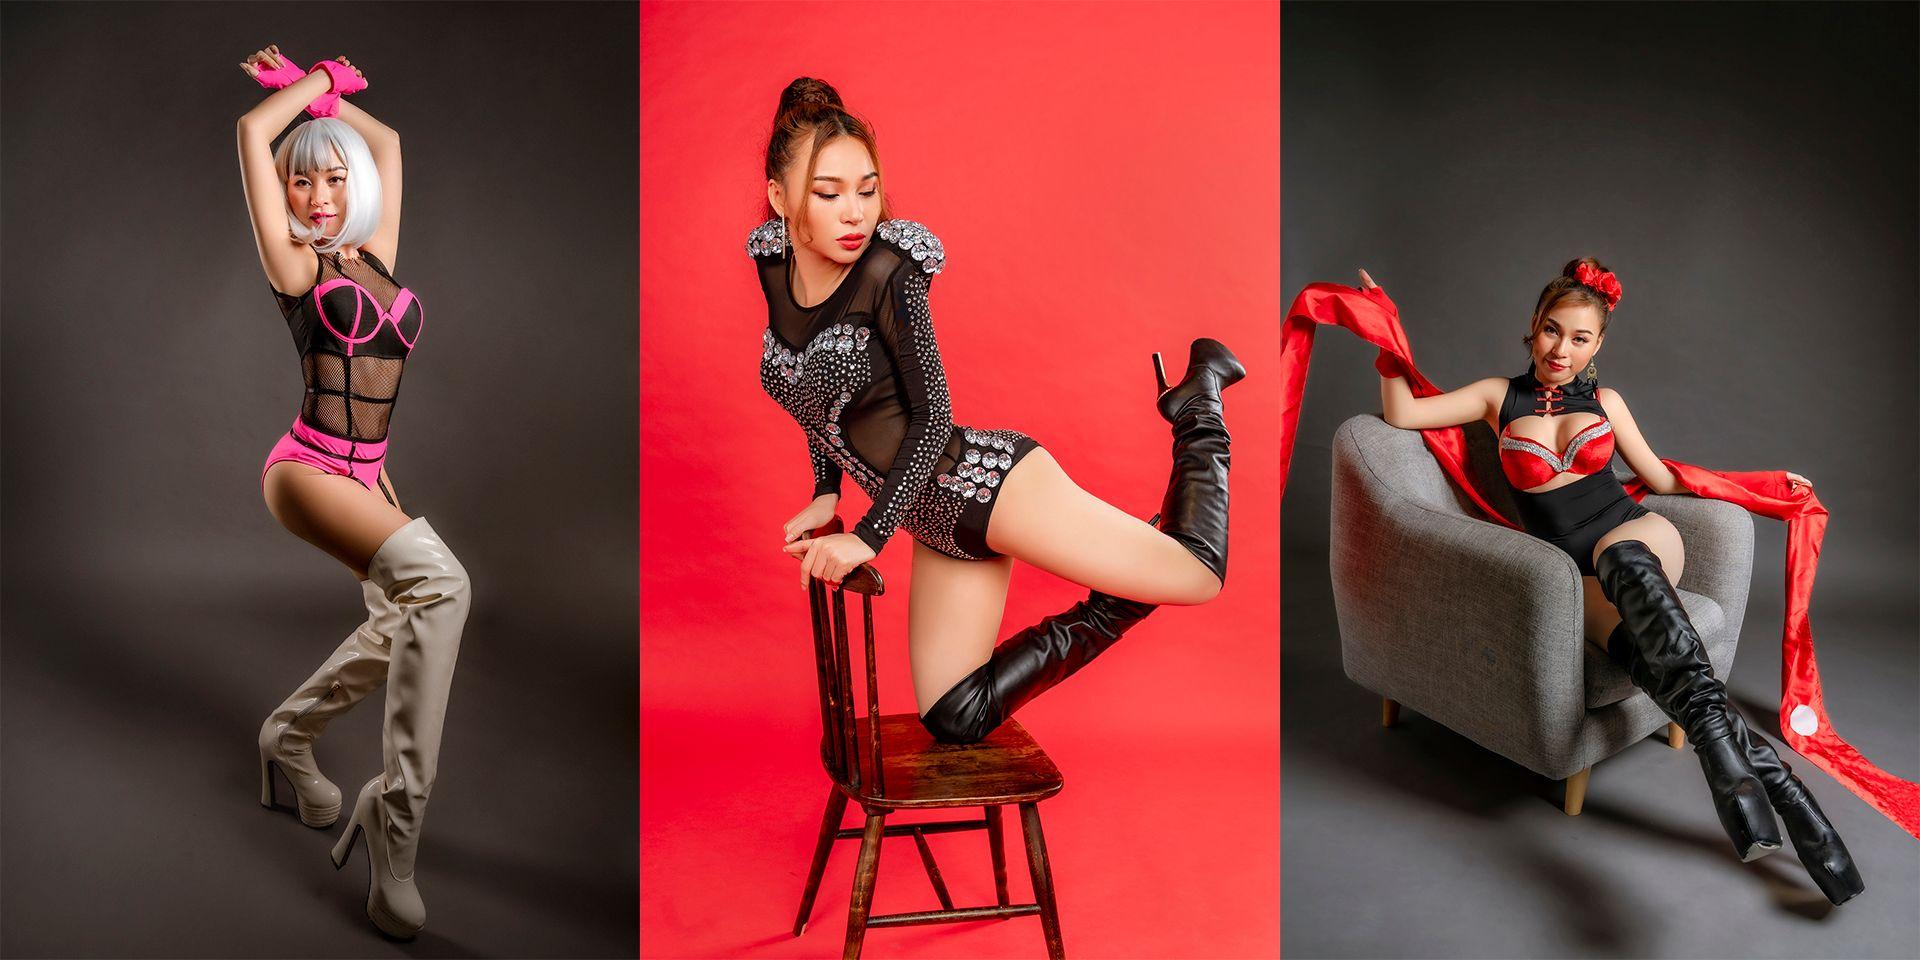 Đàm Studio - Chụp ảnh beauty chuyên nghiệp